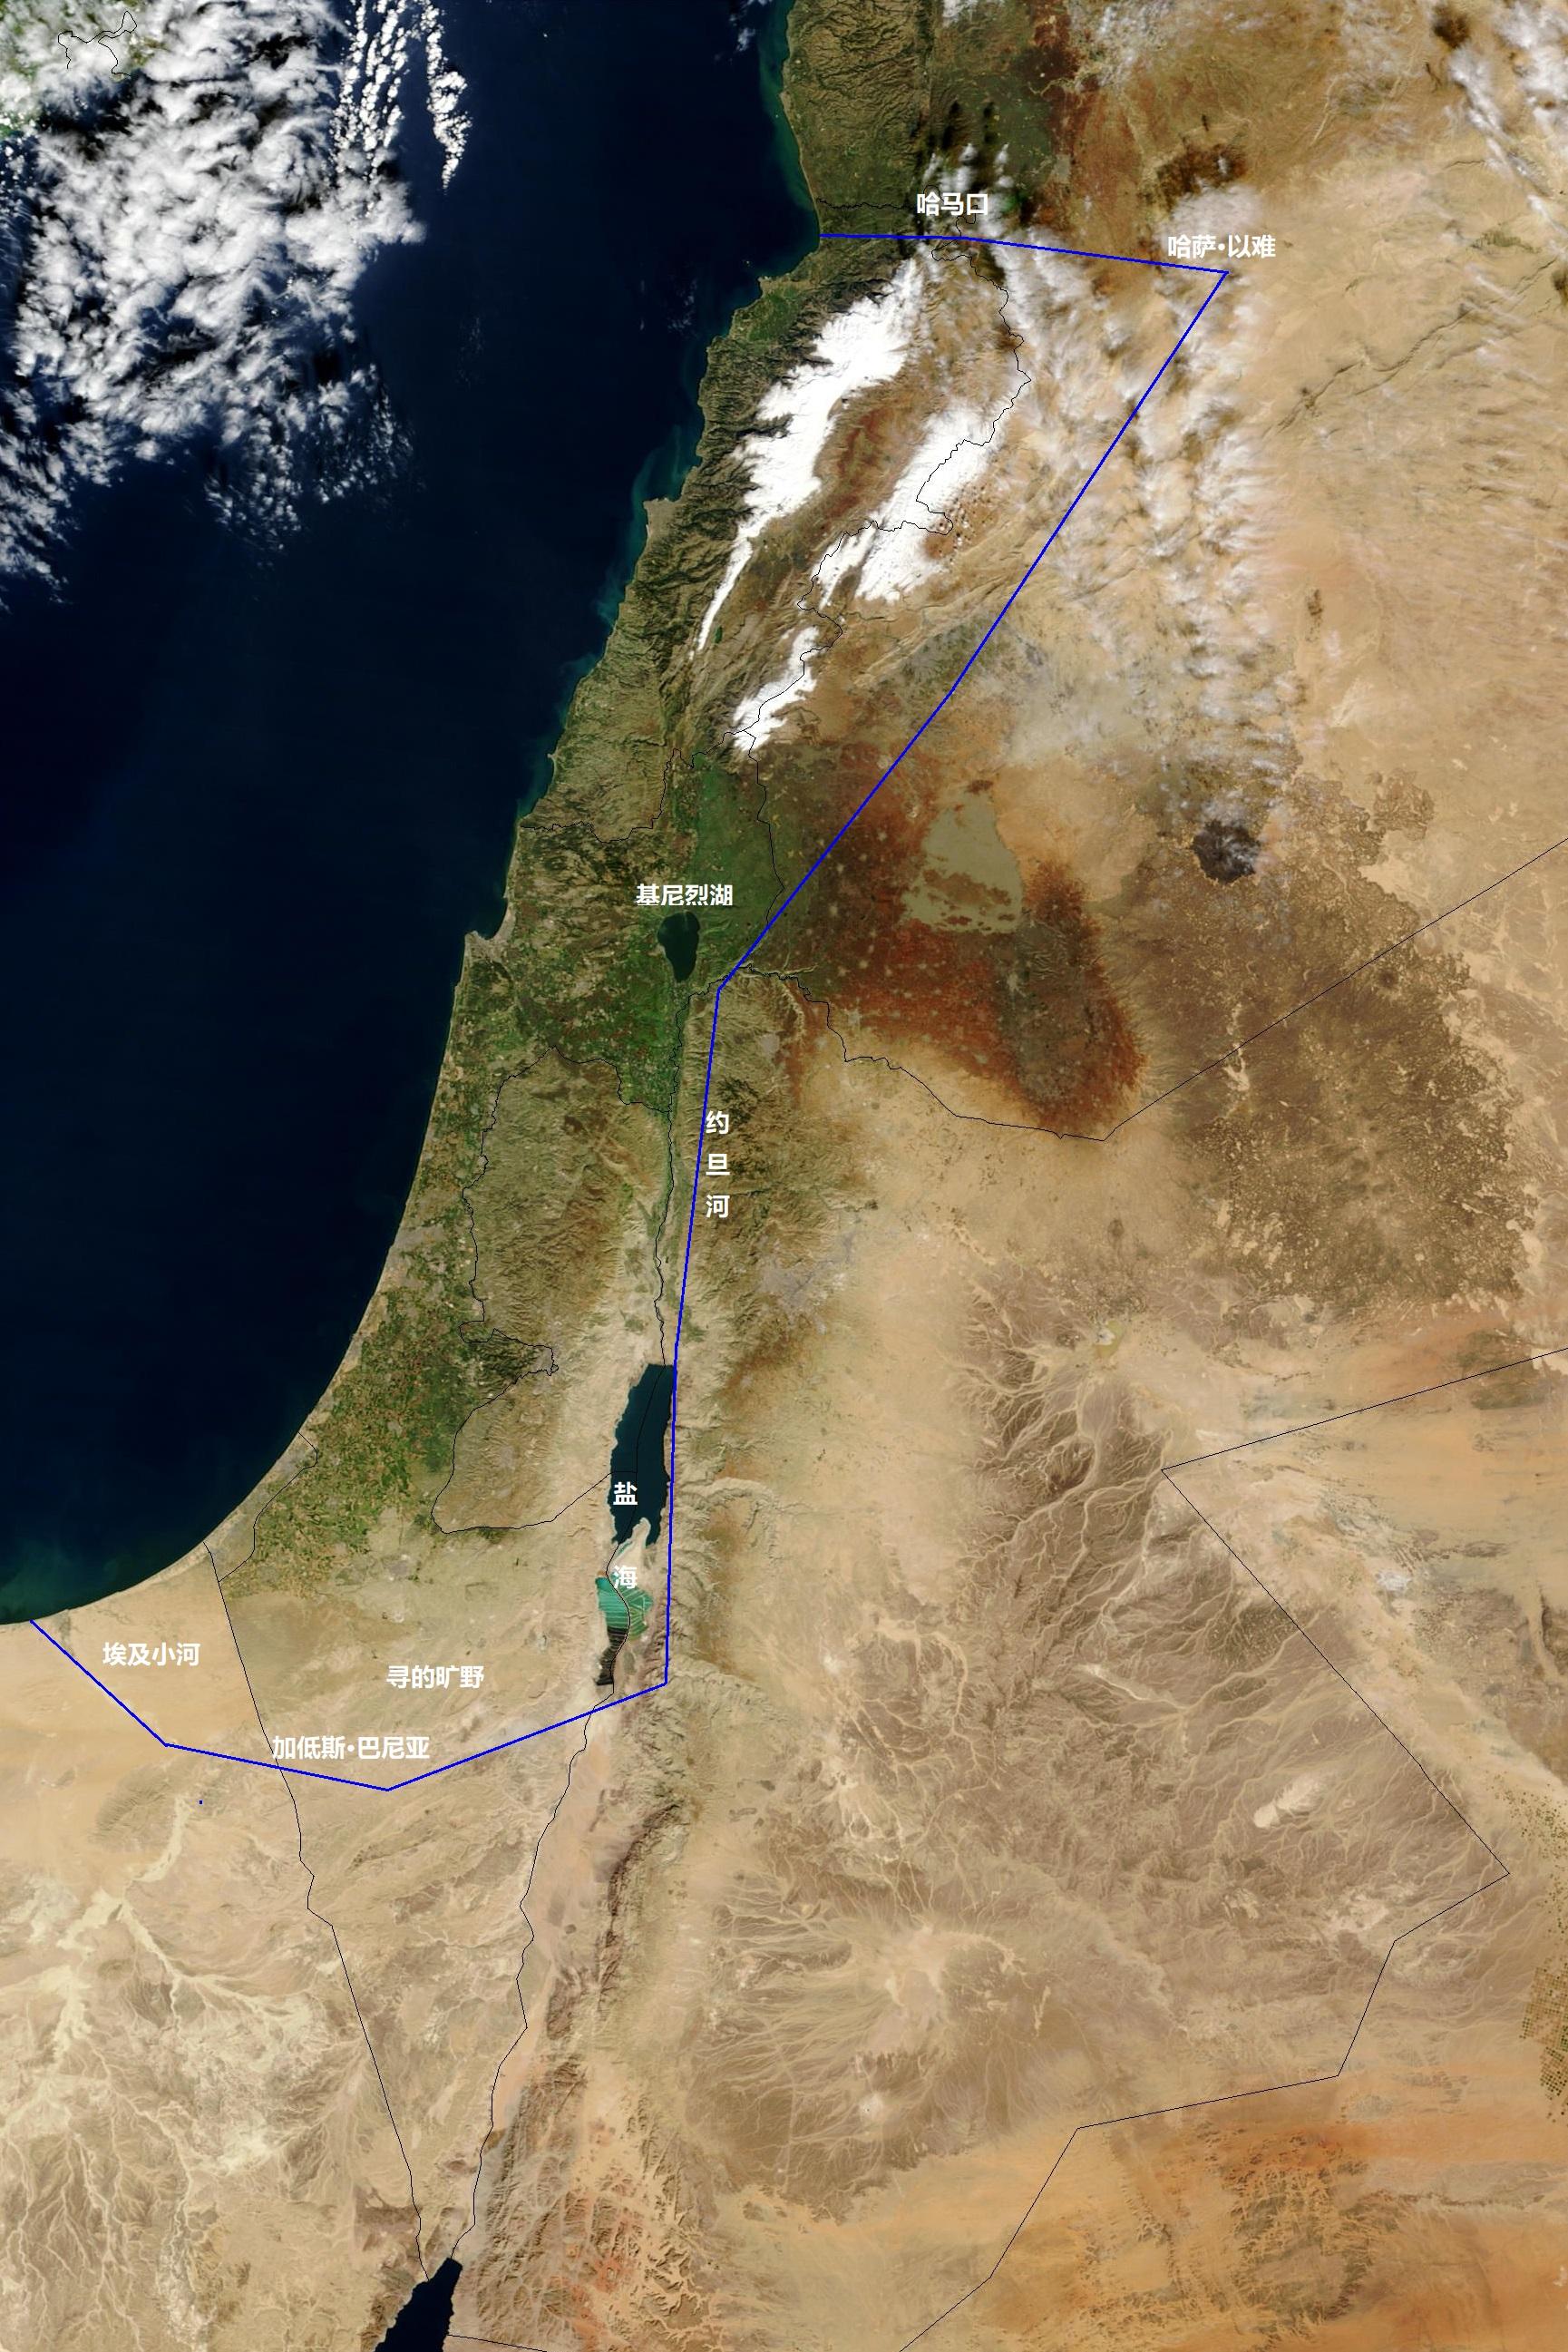 上图:在卫星照片上标出的应许之地示意图,南起埃及小河,北到哈马口,西至大海,东到约旦河,包括了今天的以色列、黎巴嫩和叙利亚的一部分。从卫星照片可以看出,在这个范围之外,大都是没有绿色的荒漠地带。